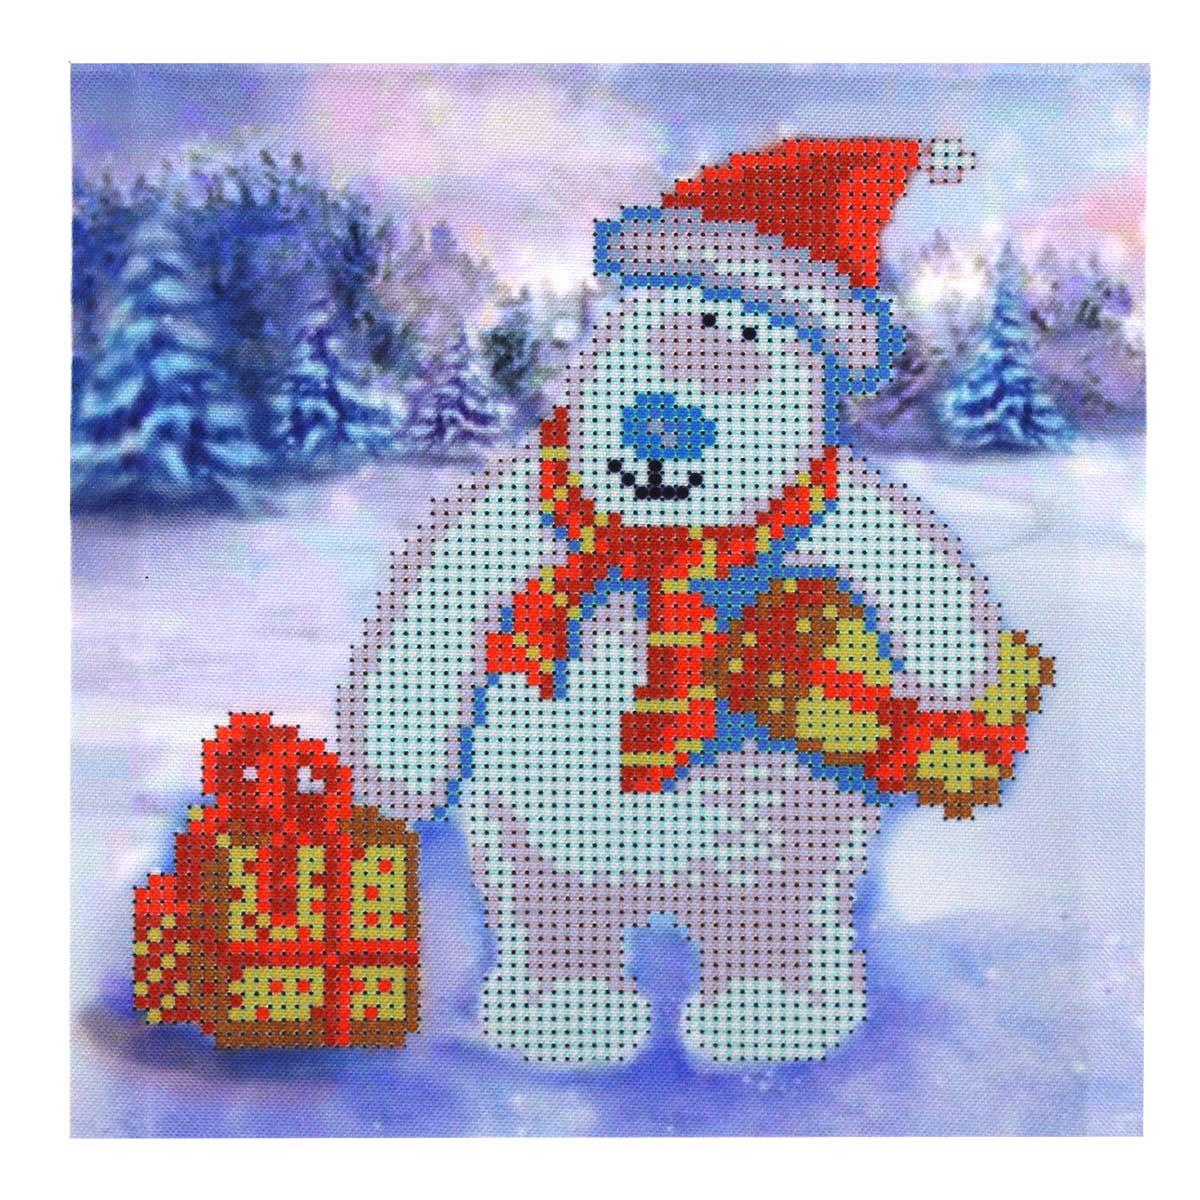 Б-0113 Набор для вышивания бисером 'Бисеринка' 'Новогодний мишка', 17,5*19 см